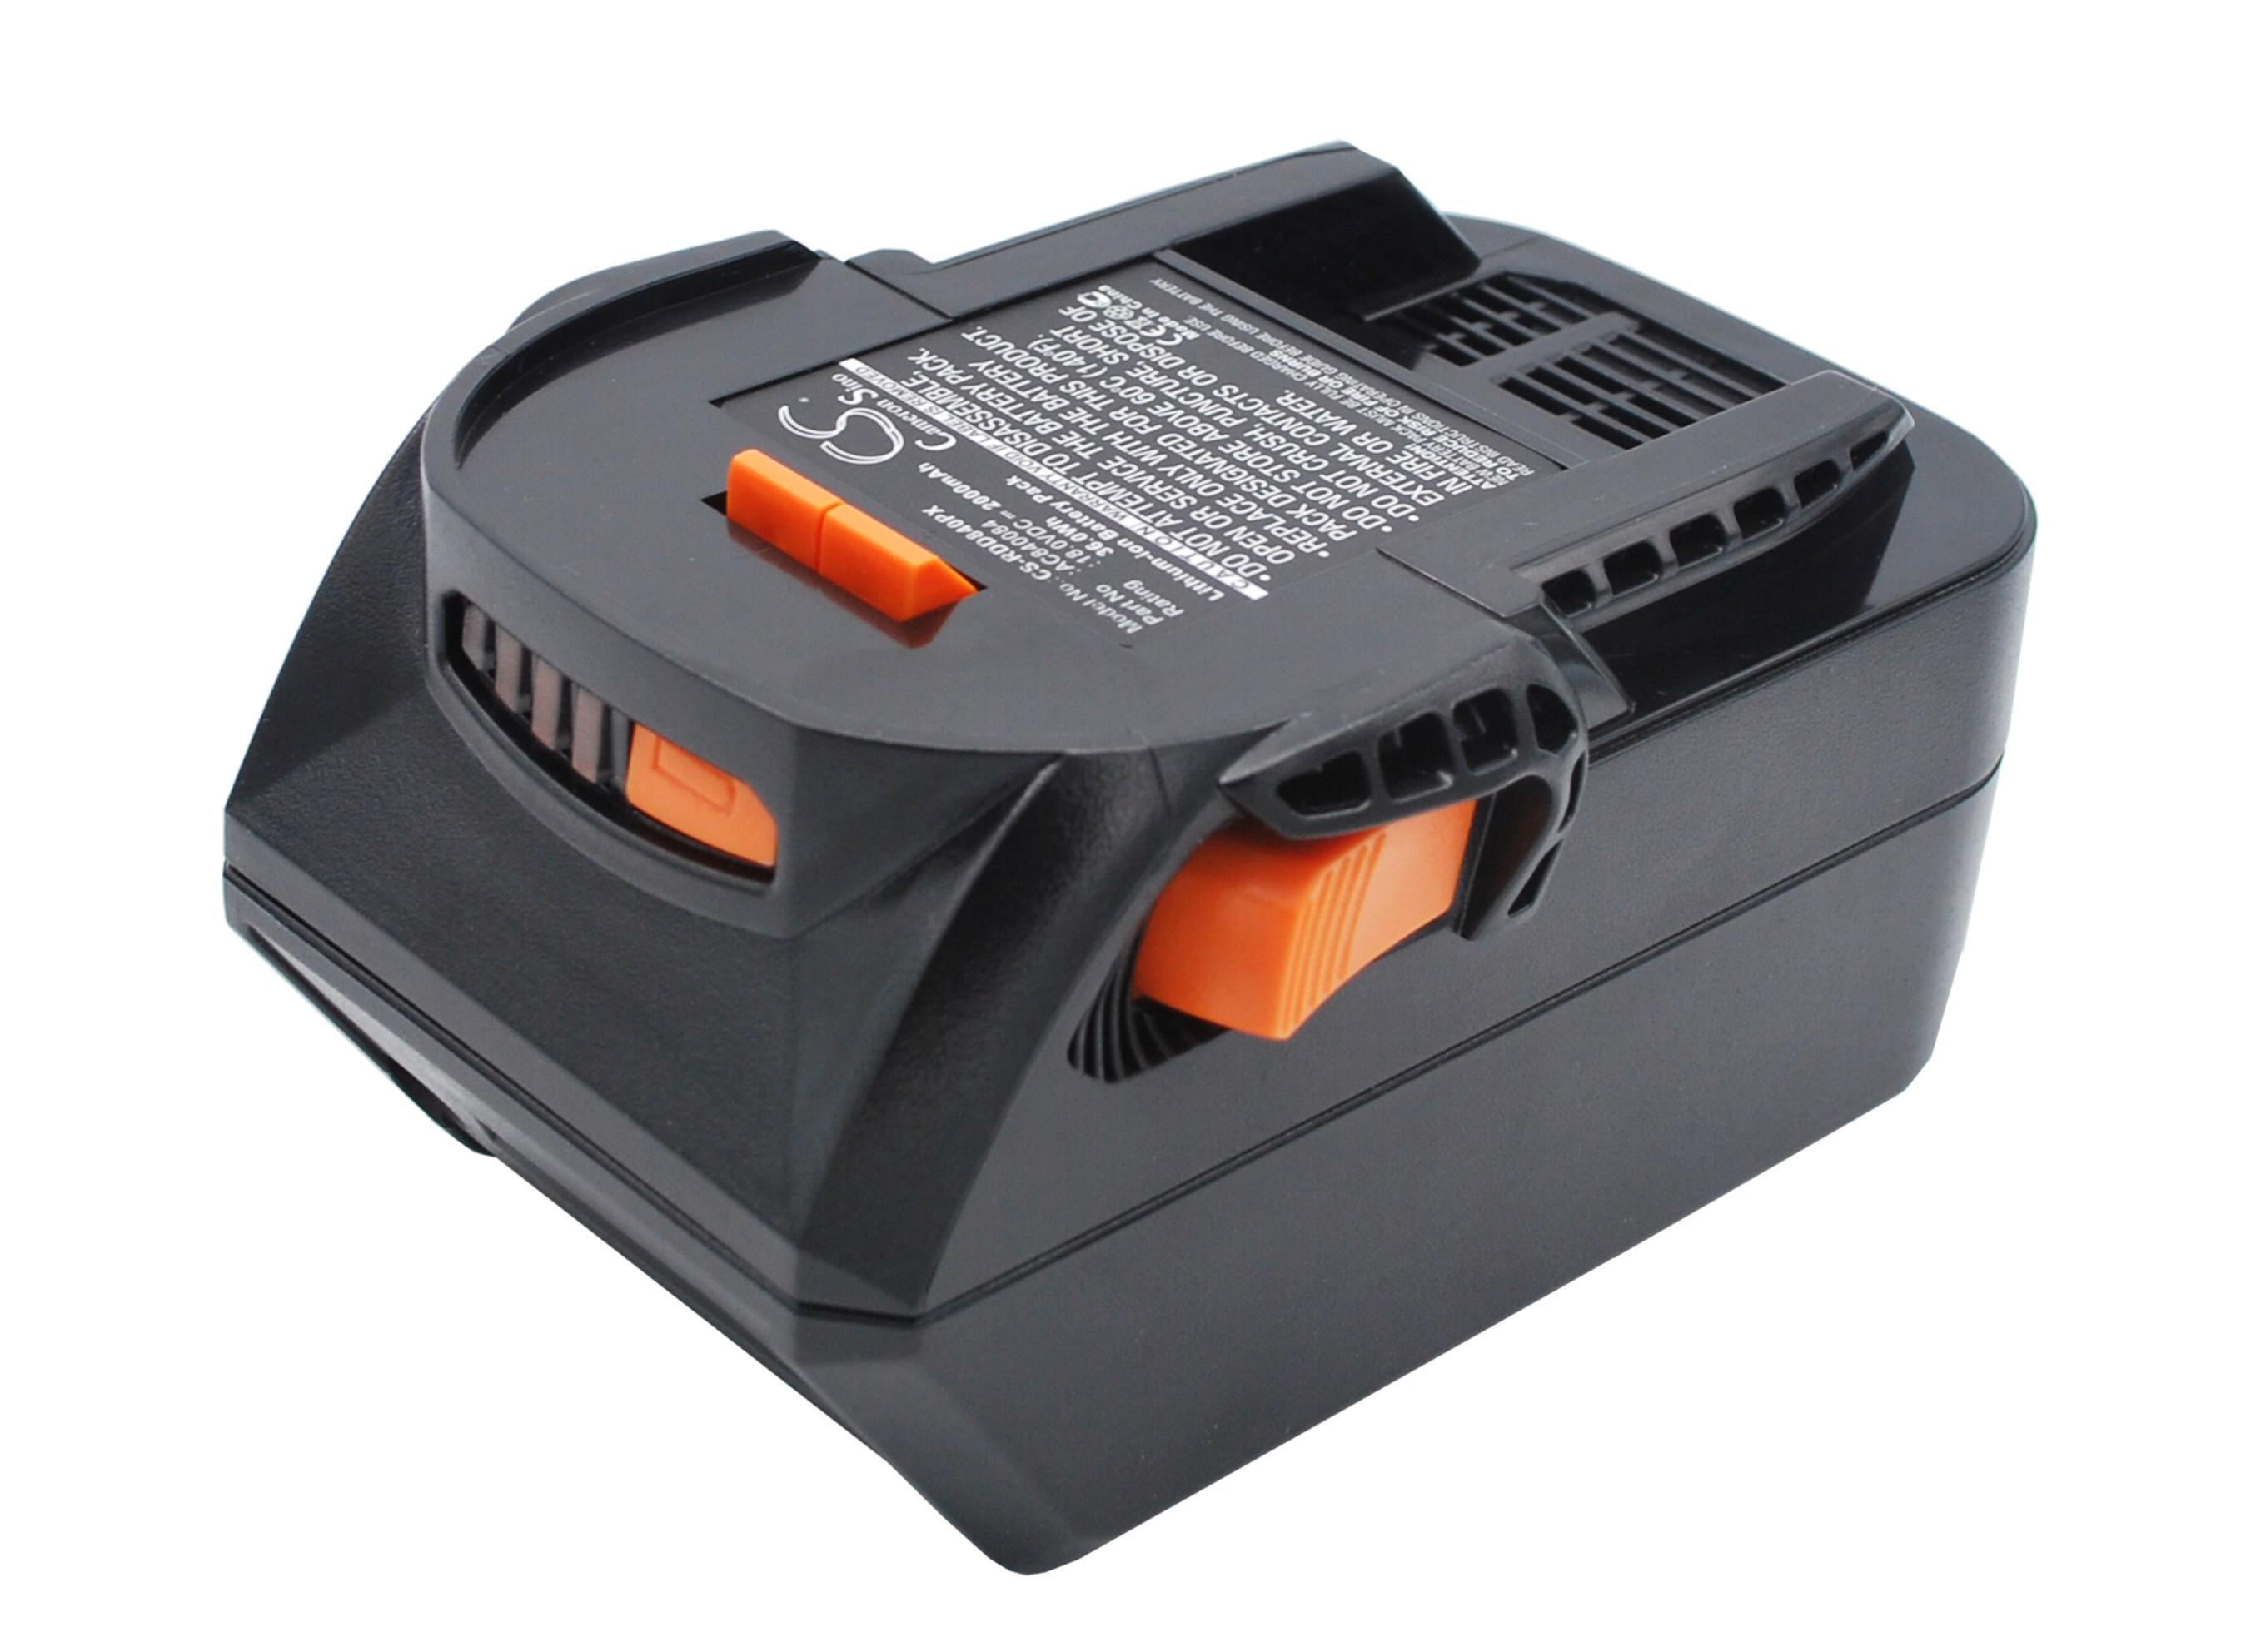 Cameron Sino baterie do nářadí pro AEG BSB 18 LI 18V Li-ion 2000mAh černá - neoriginální